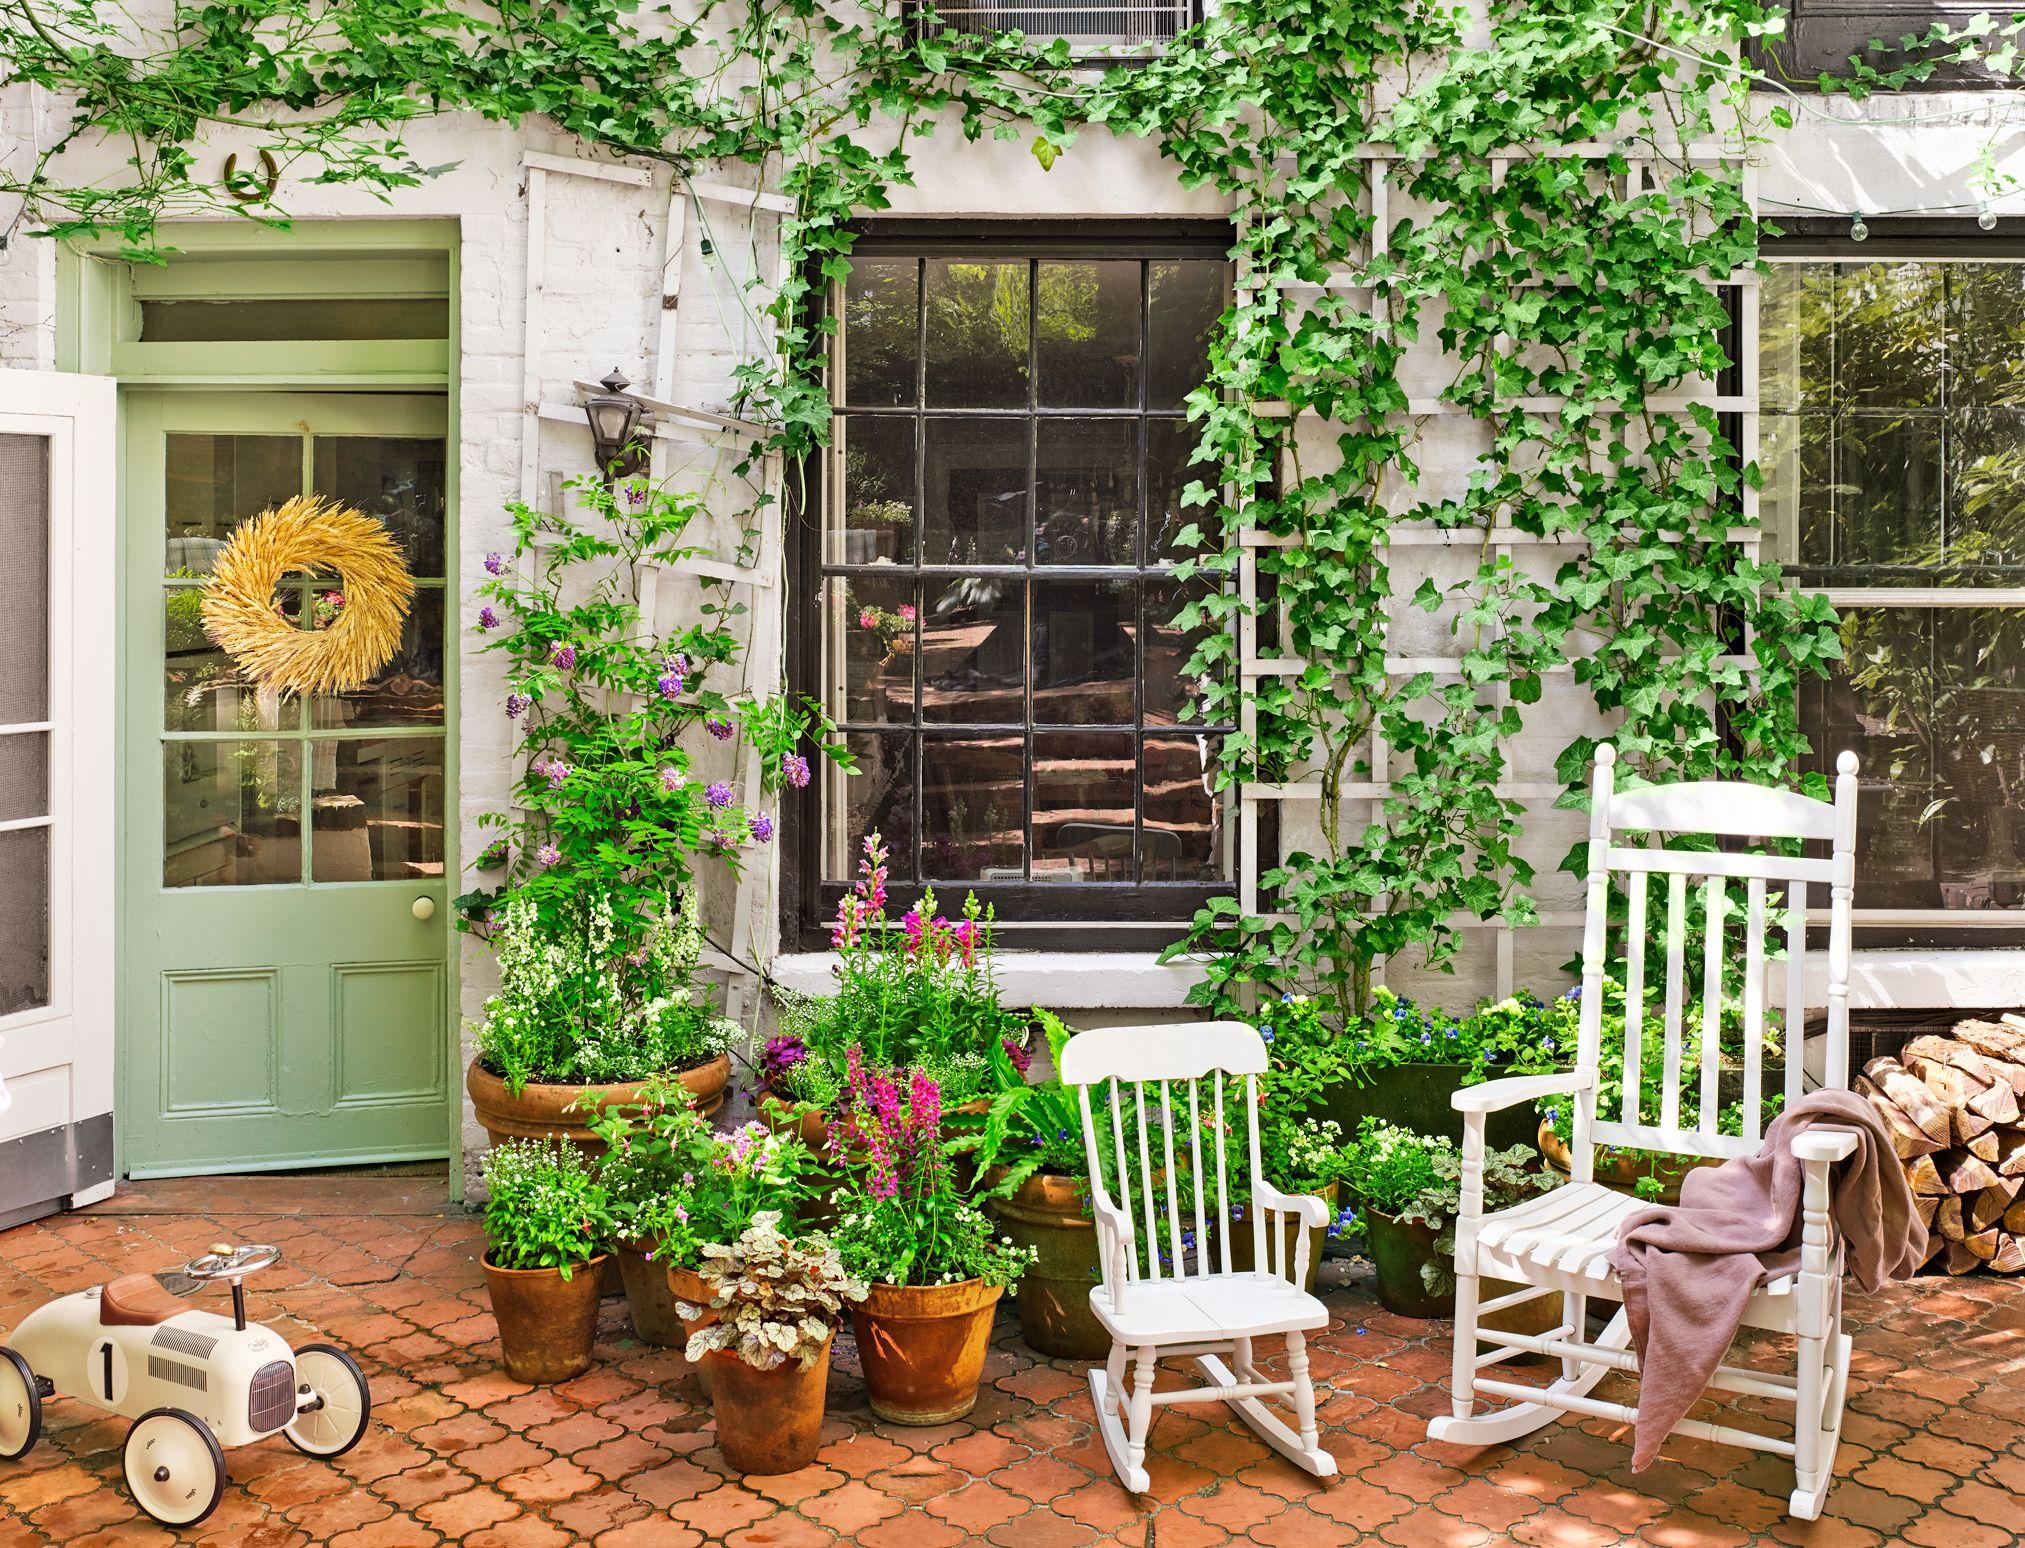 18 Creative Small Garden Ideas Indoor And Outdoor Garden